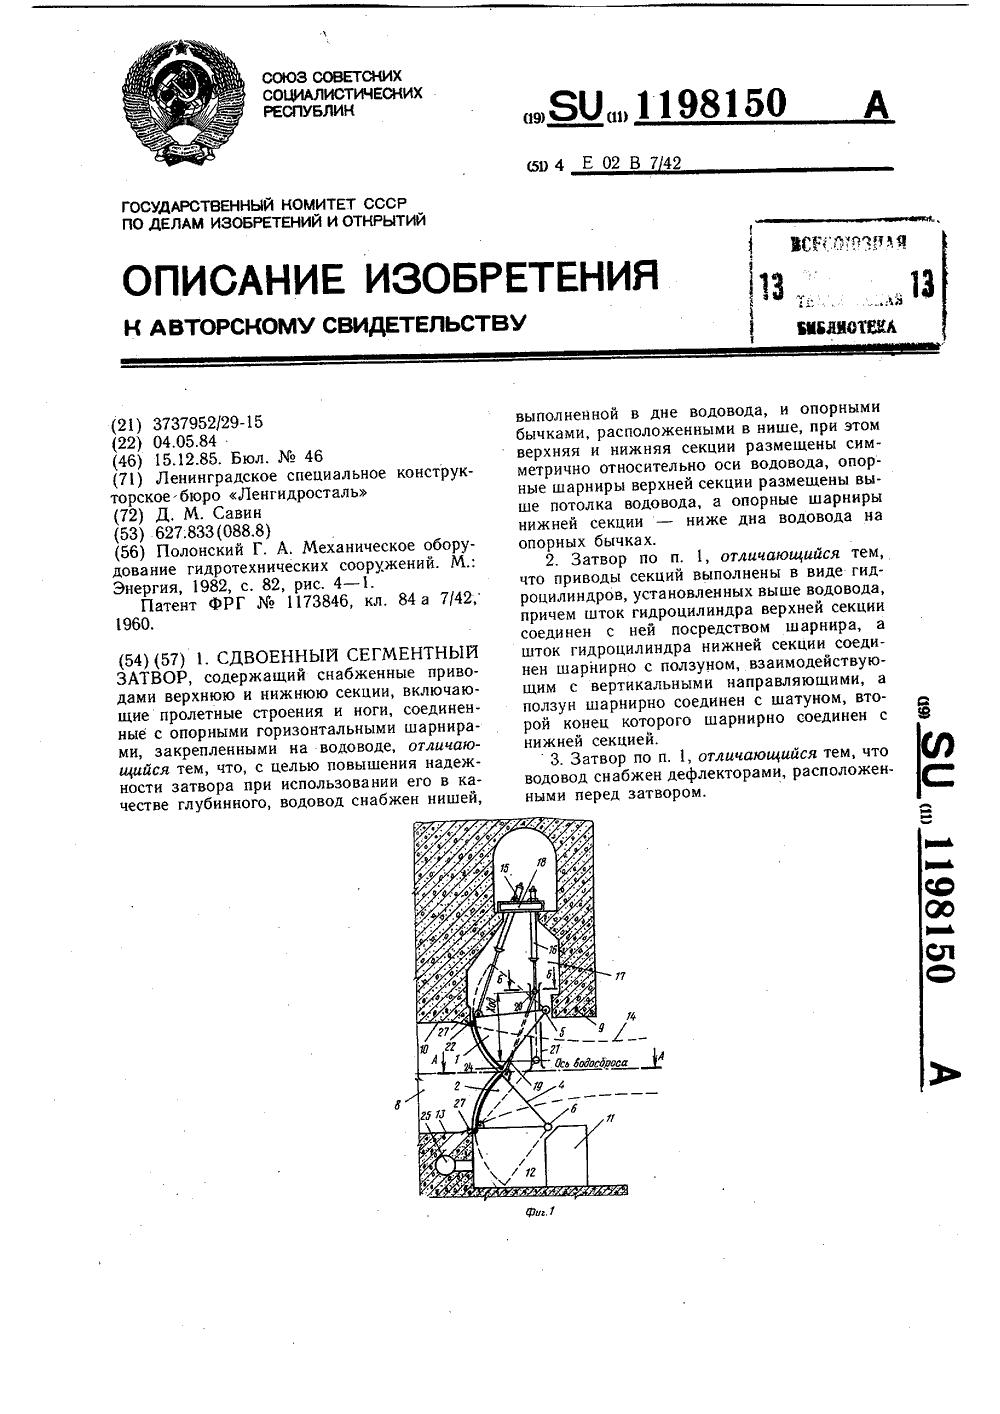 Рис 1922 сегментный затвор с заанкеренной опорой: 1 - опора; 2